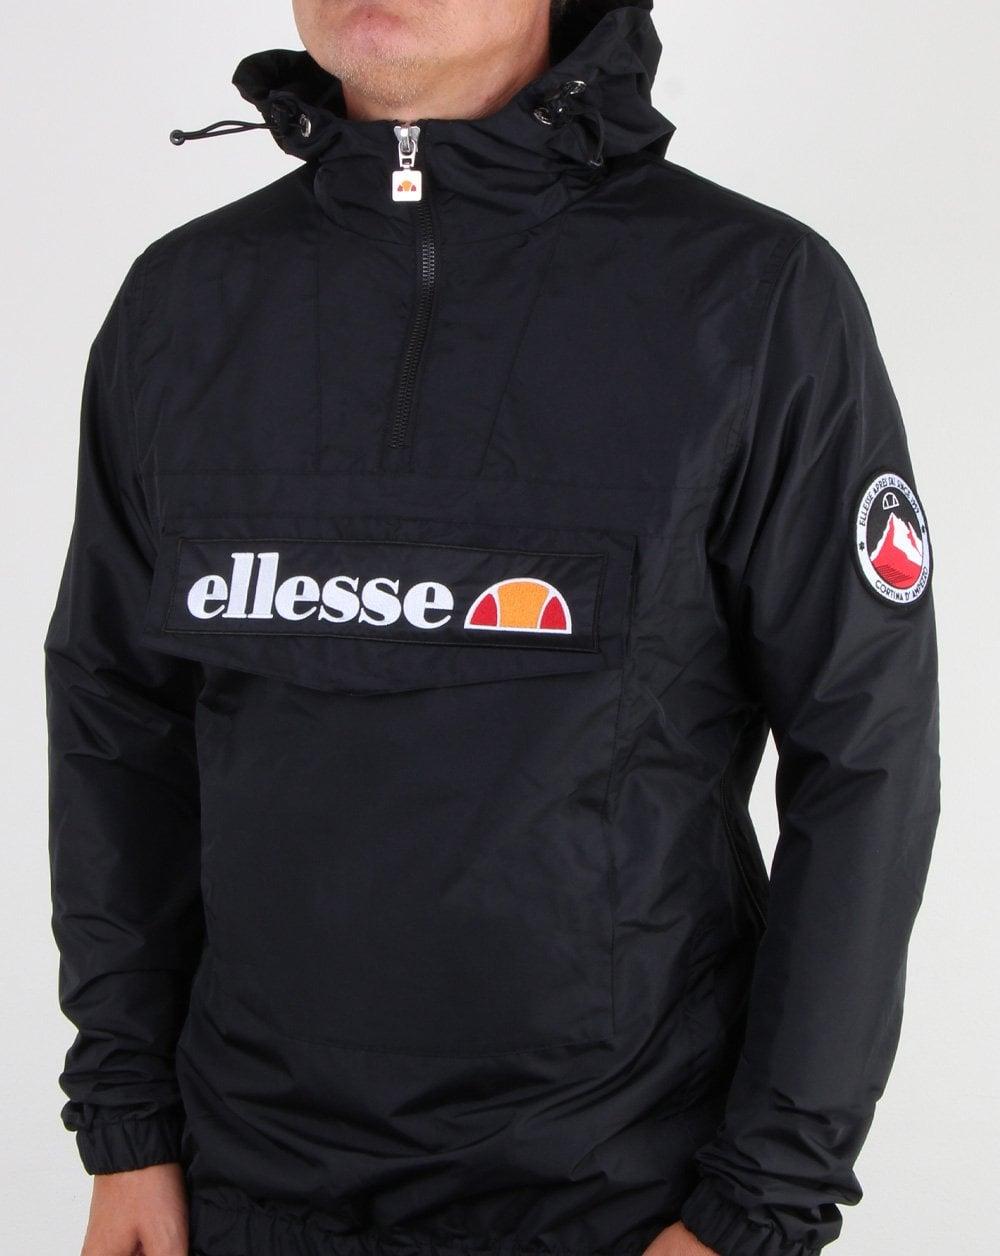 ef233e5395 Ellesse Quarter Zip Overhead Jacket Black